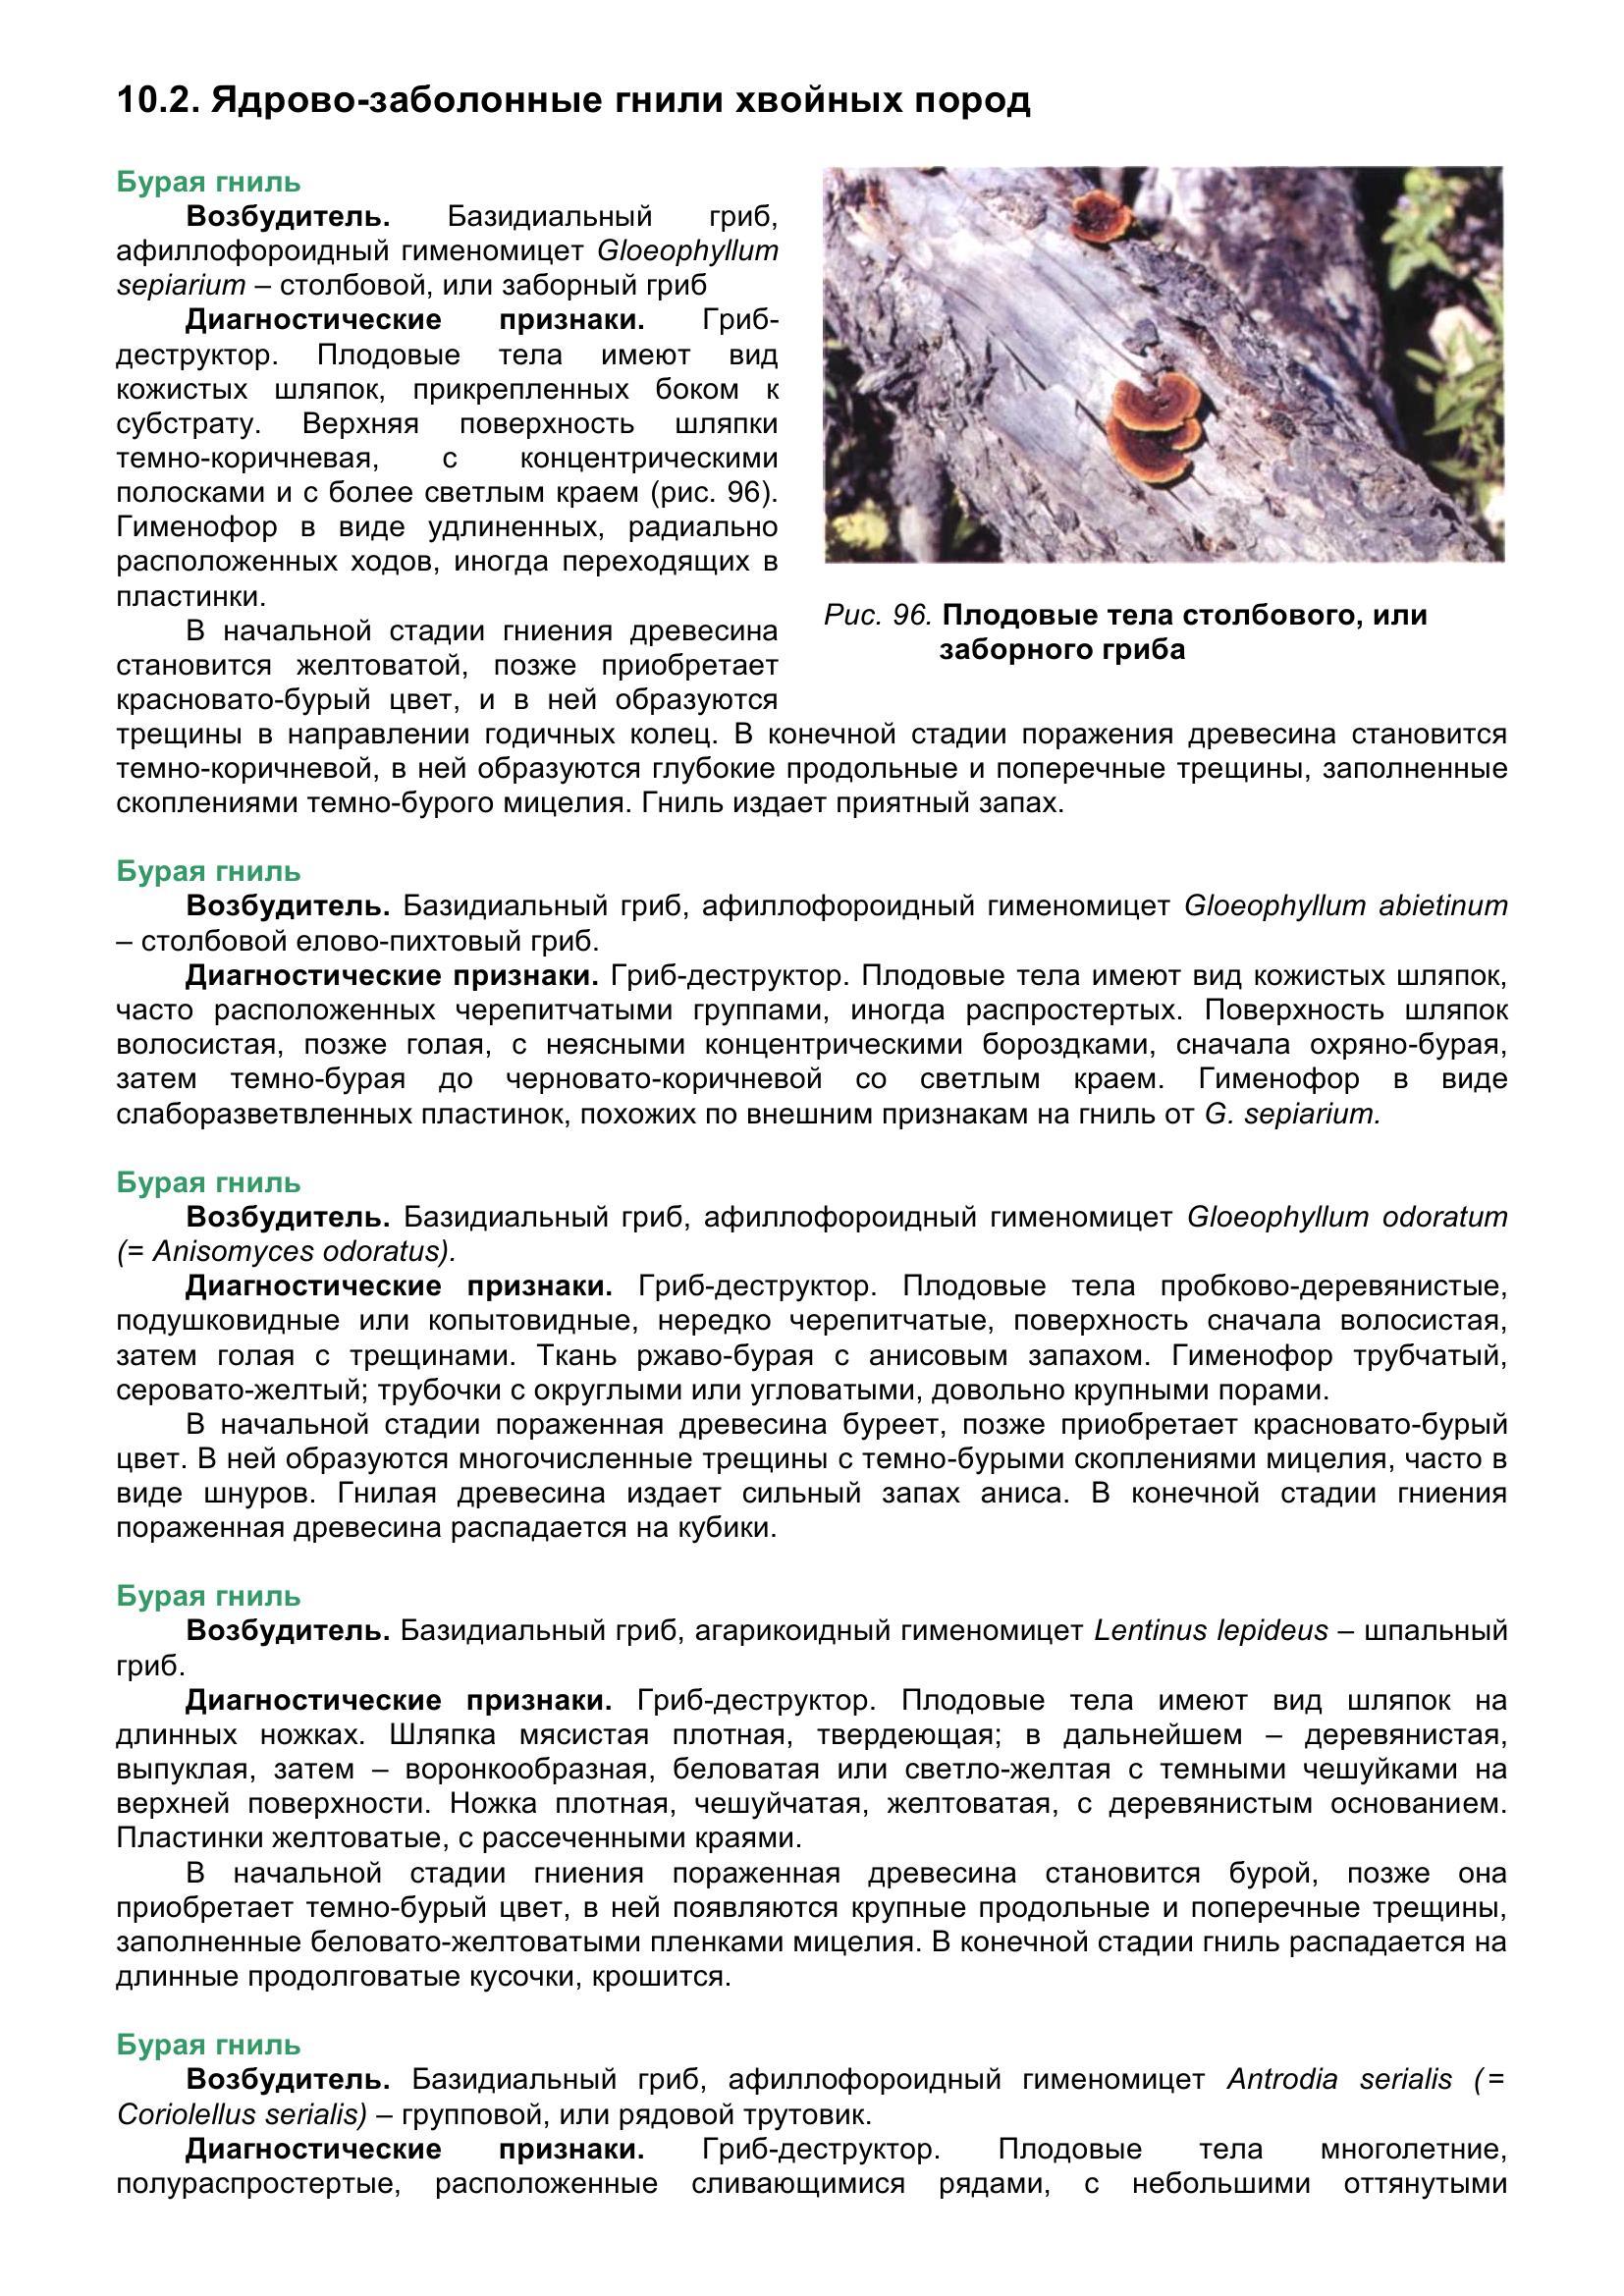 Болезни_древесных_растений_111.jpg